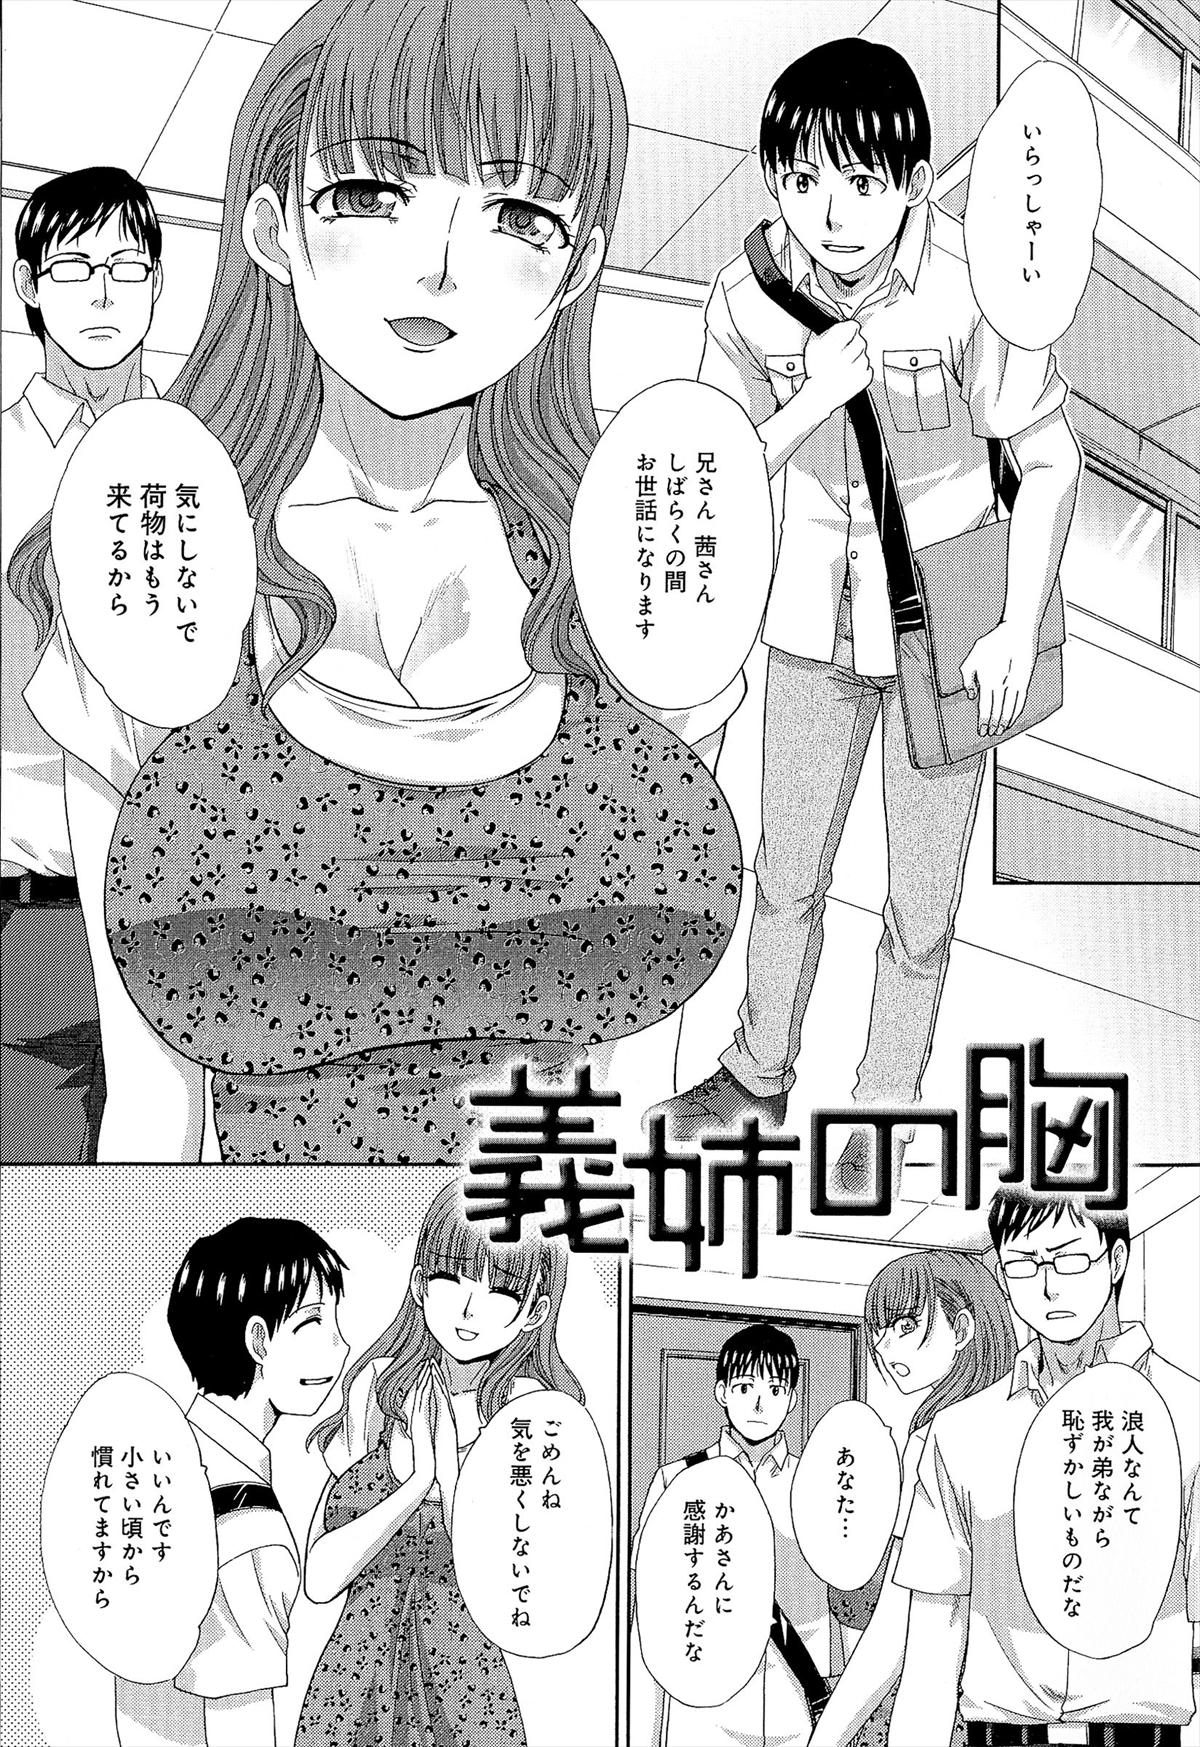 【エロ漫画・エロ同人】兄夫婦の所に住まわせてもらうことになった浪人生の弟だったが、兄嫁にセックスを求められる!!